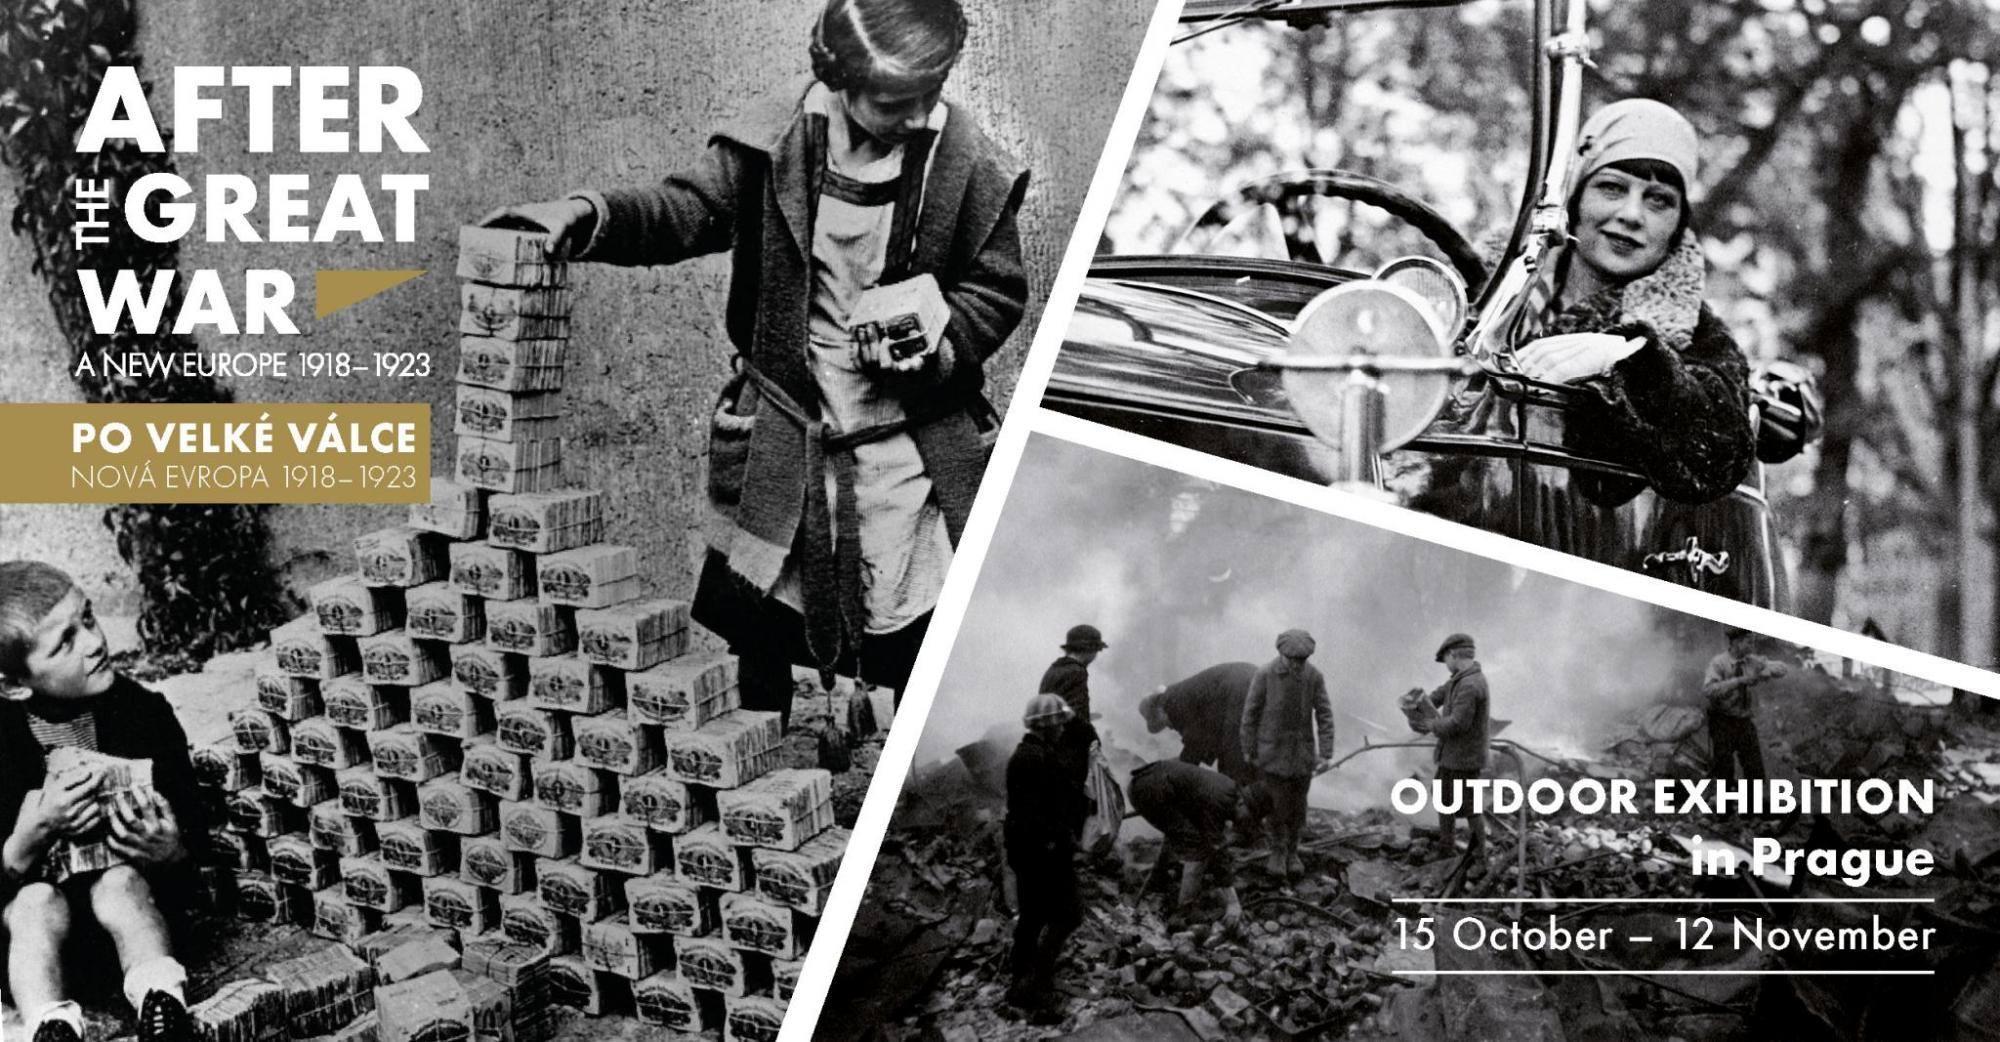 Plakat für eine Freilichtausstellung in Prag, die sich der Nachkriegszeit des Ersten Weltkriegs widmet. Die Ausstellung wurde von Experten aus 18 Ländern zusammengestellt und wird anschließend in weiteren europäischen Städten gezeigt. - Plakat: European Network Remembrance and Solidarity